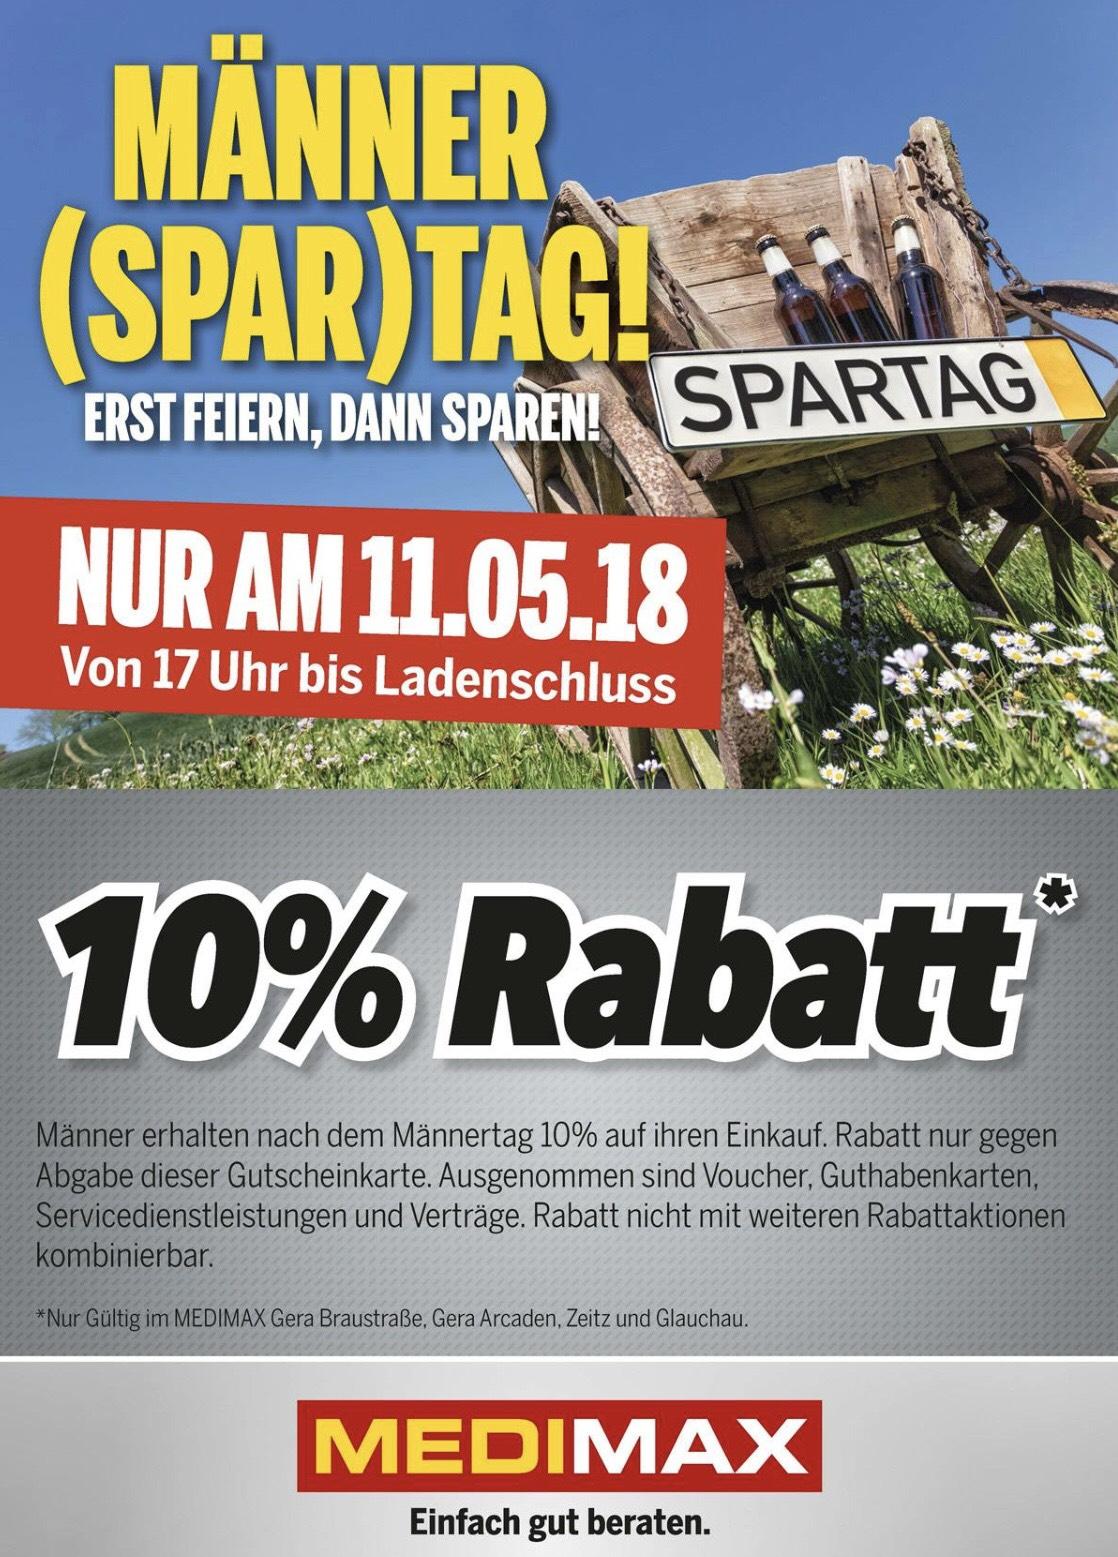 (Lokal) MEDIMAX Gera/Zeitz/Glauchau -10% für Männer (Spar)Tag